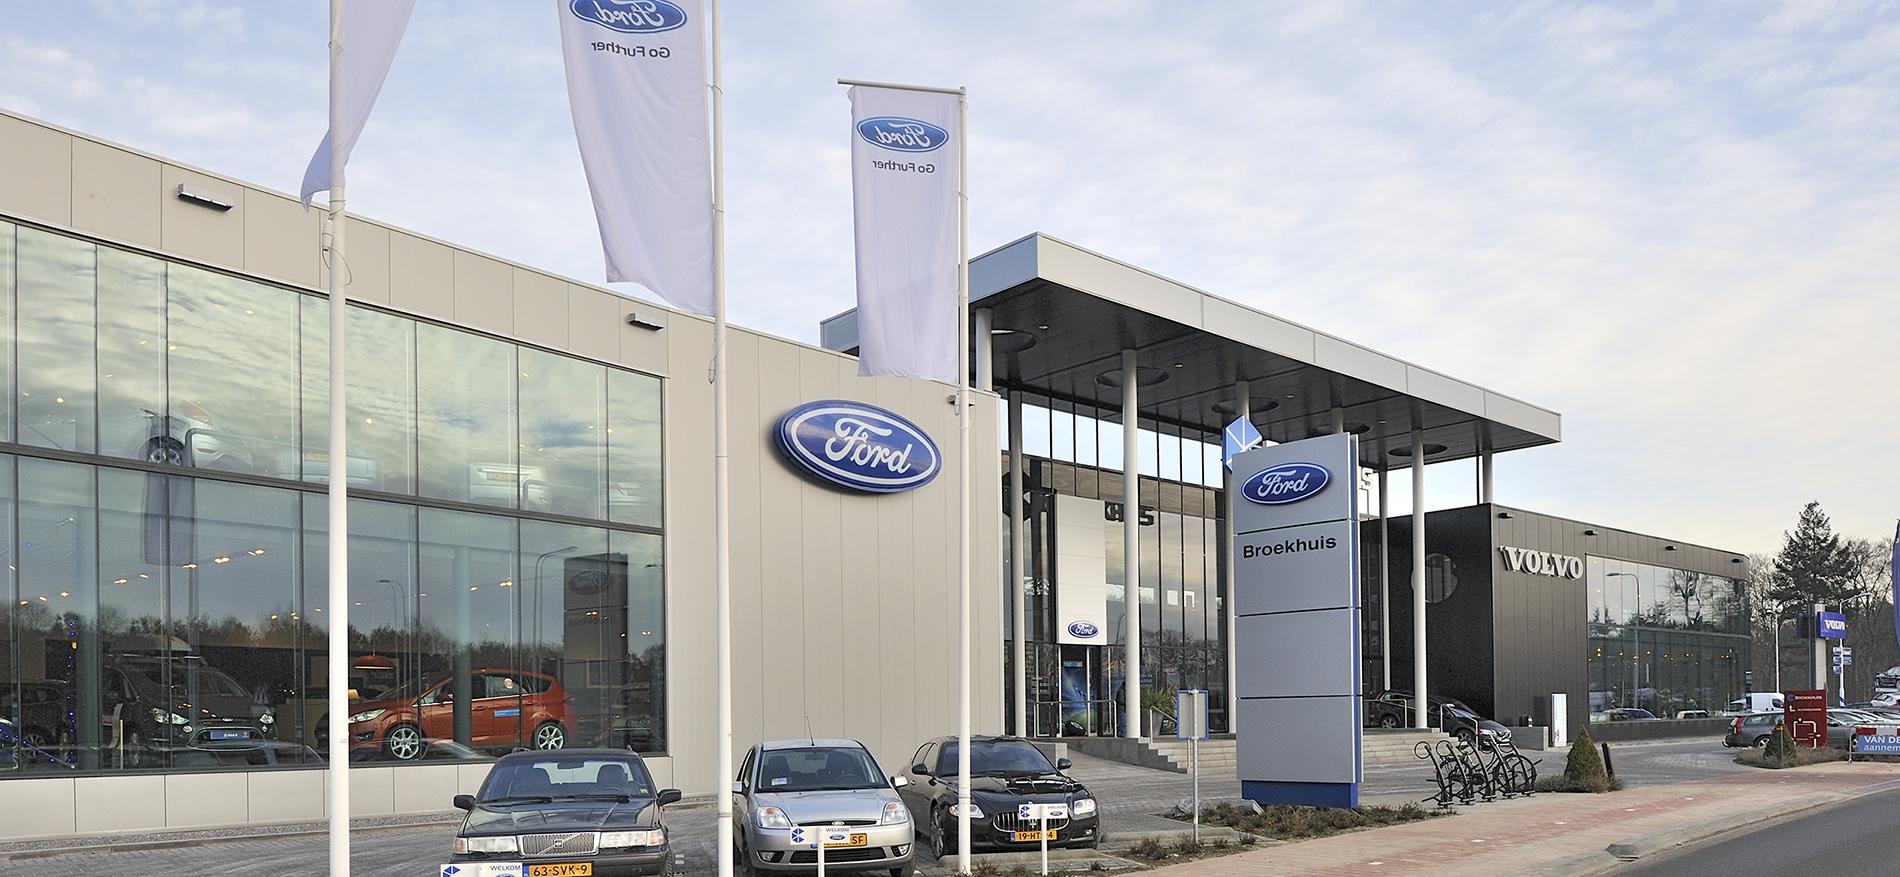 Interieur showroom inrichting Ford Broekhuis, Zeist